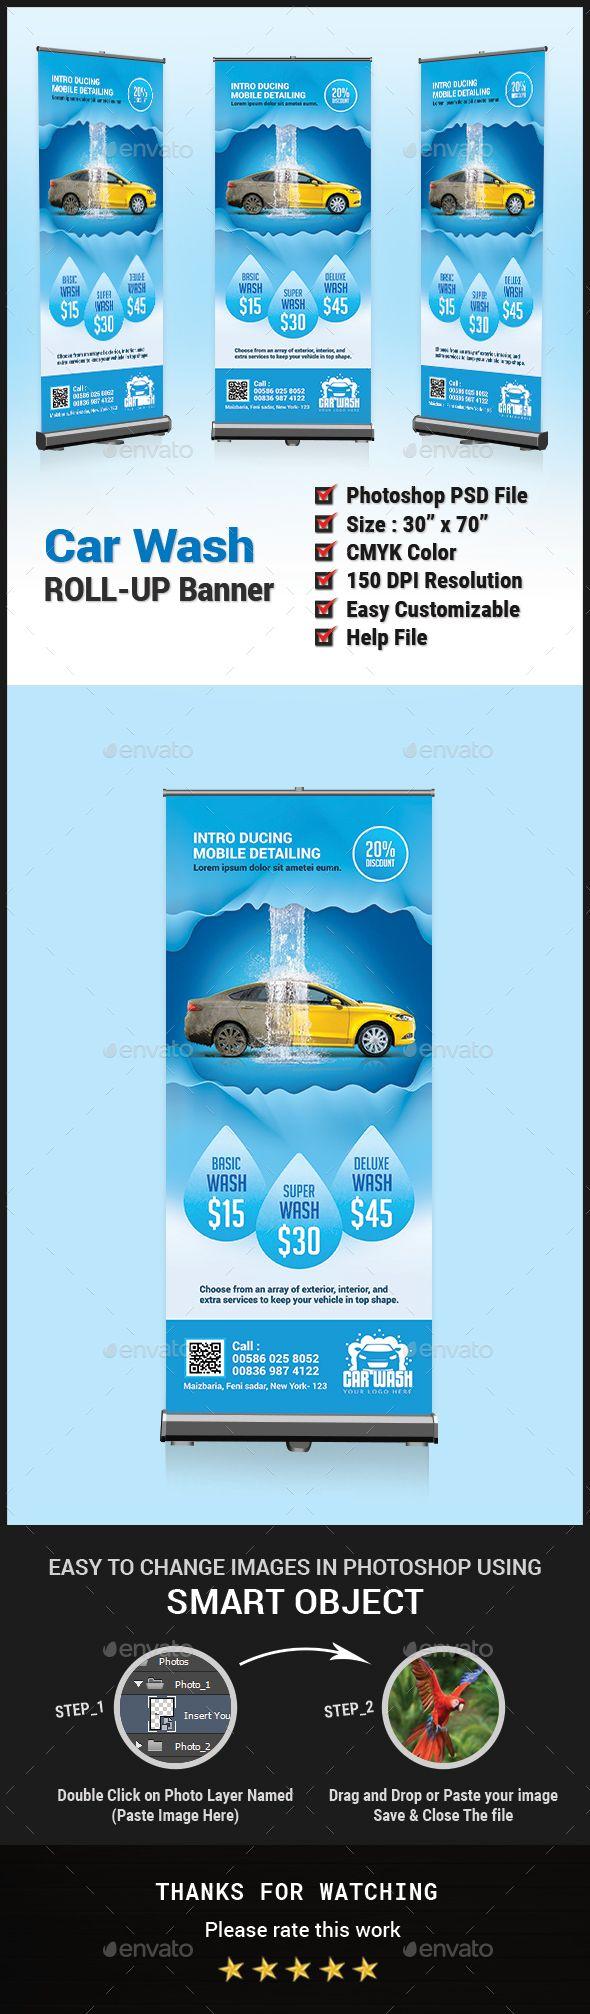 37 best car wash images on pinterest lavado de coches lavado de car wash roll up banner solutioingenieria Images